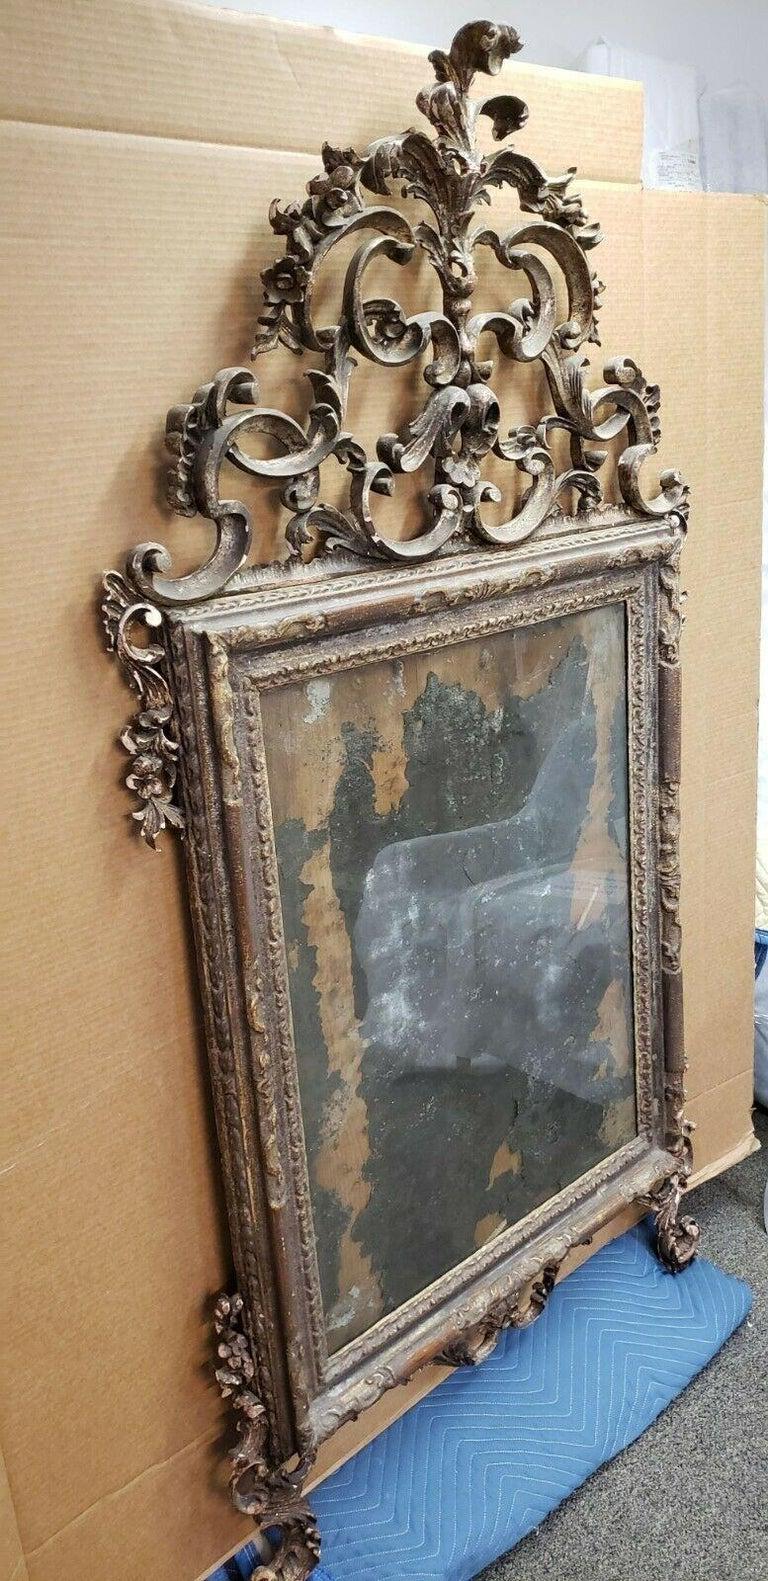 18th Century Italian Rococo Silver Gilt Mirror In Good Condition For Sale In Essex, MA